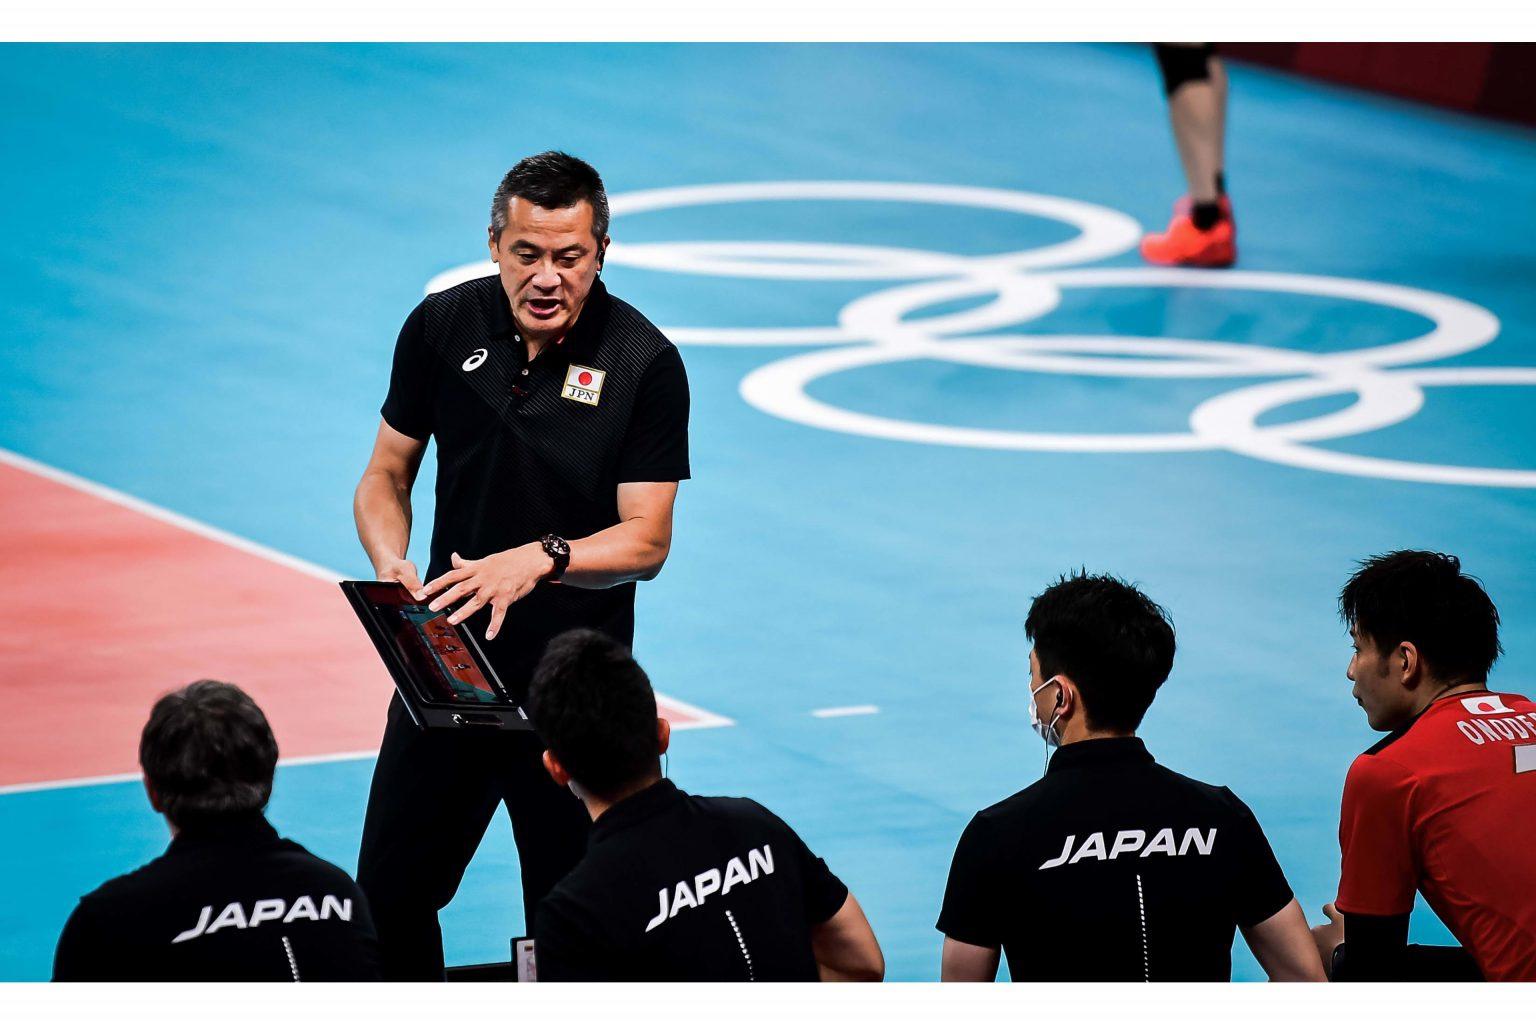 Nakagaichi resigns as head coach